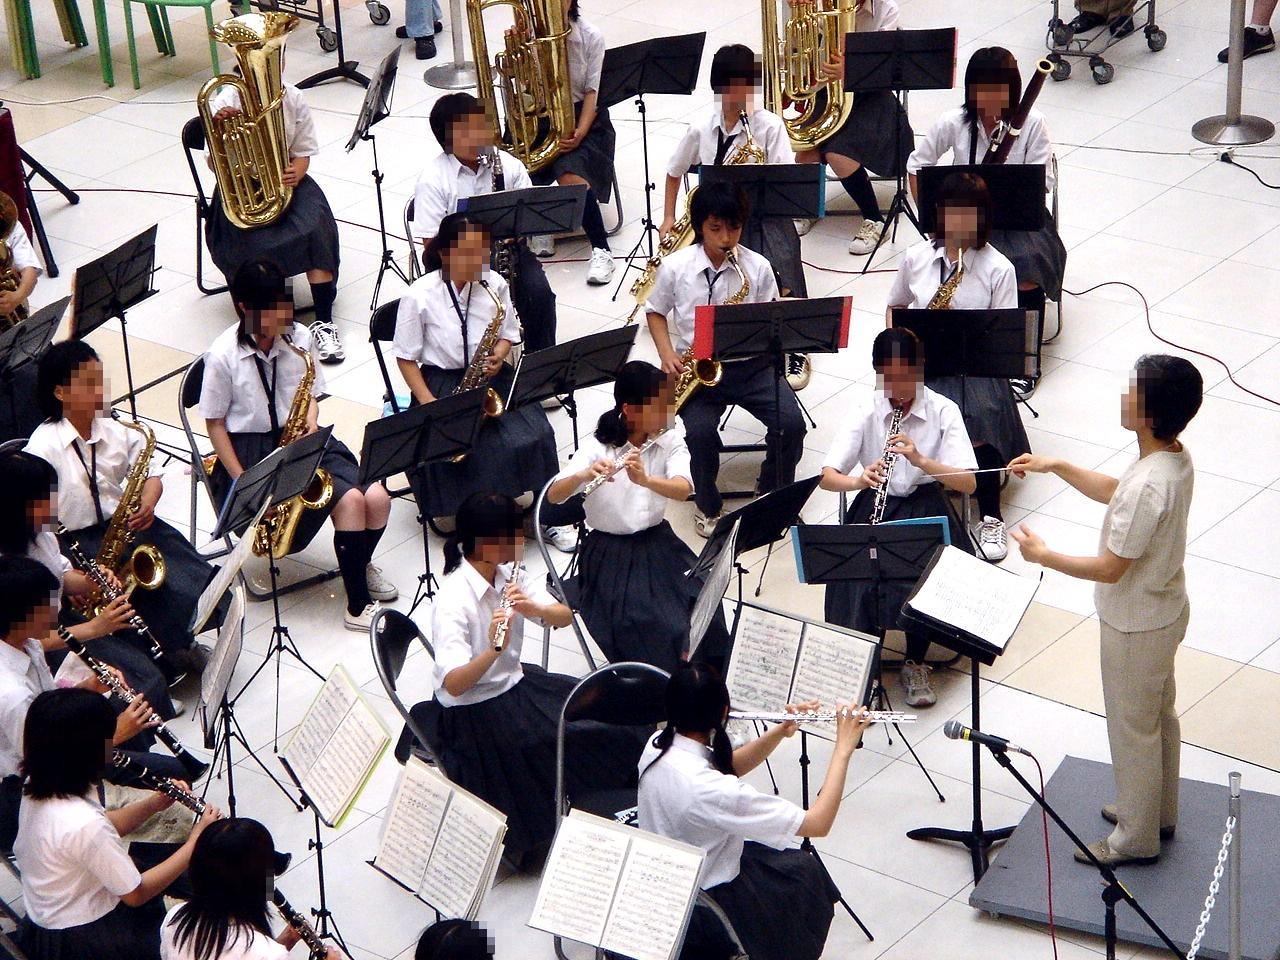 東京ベイ船橋ビビット2010Part1 ...